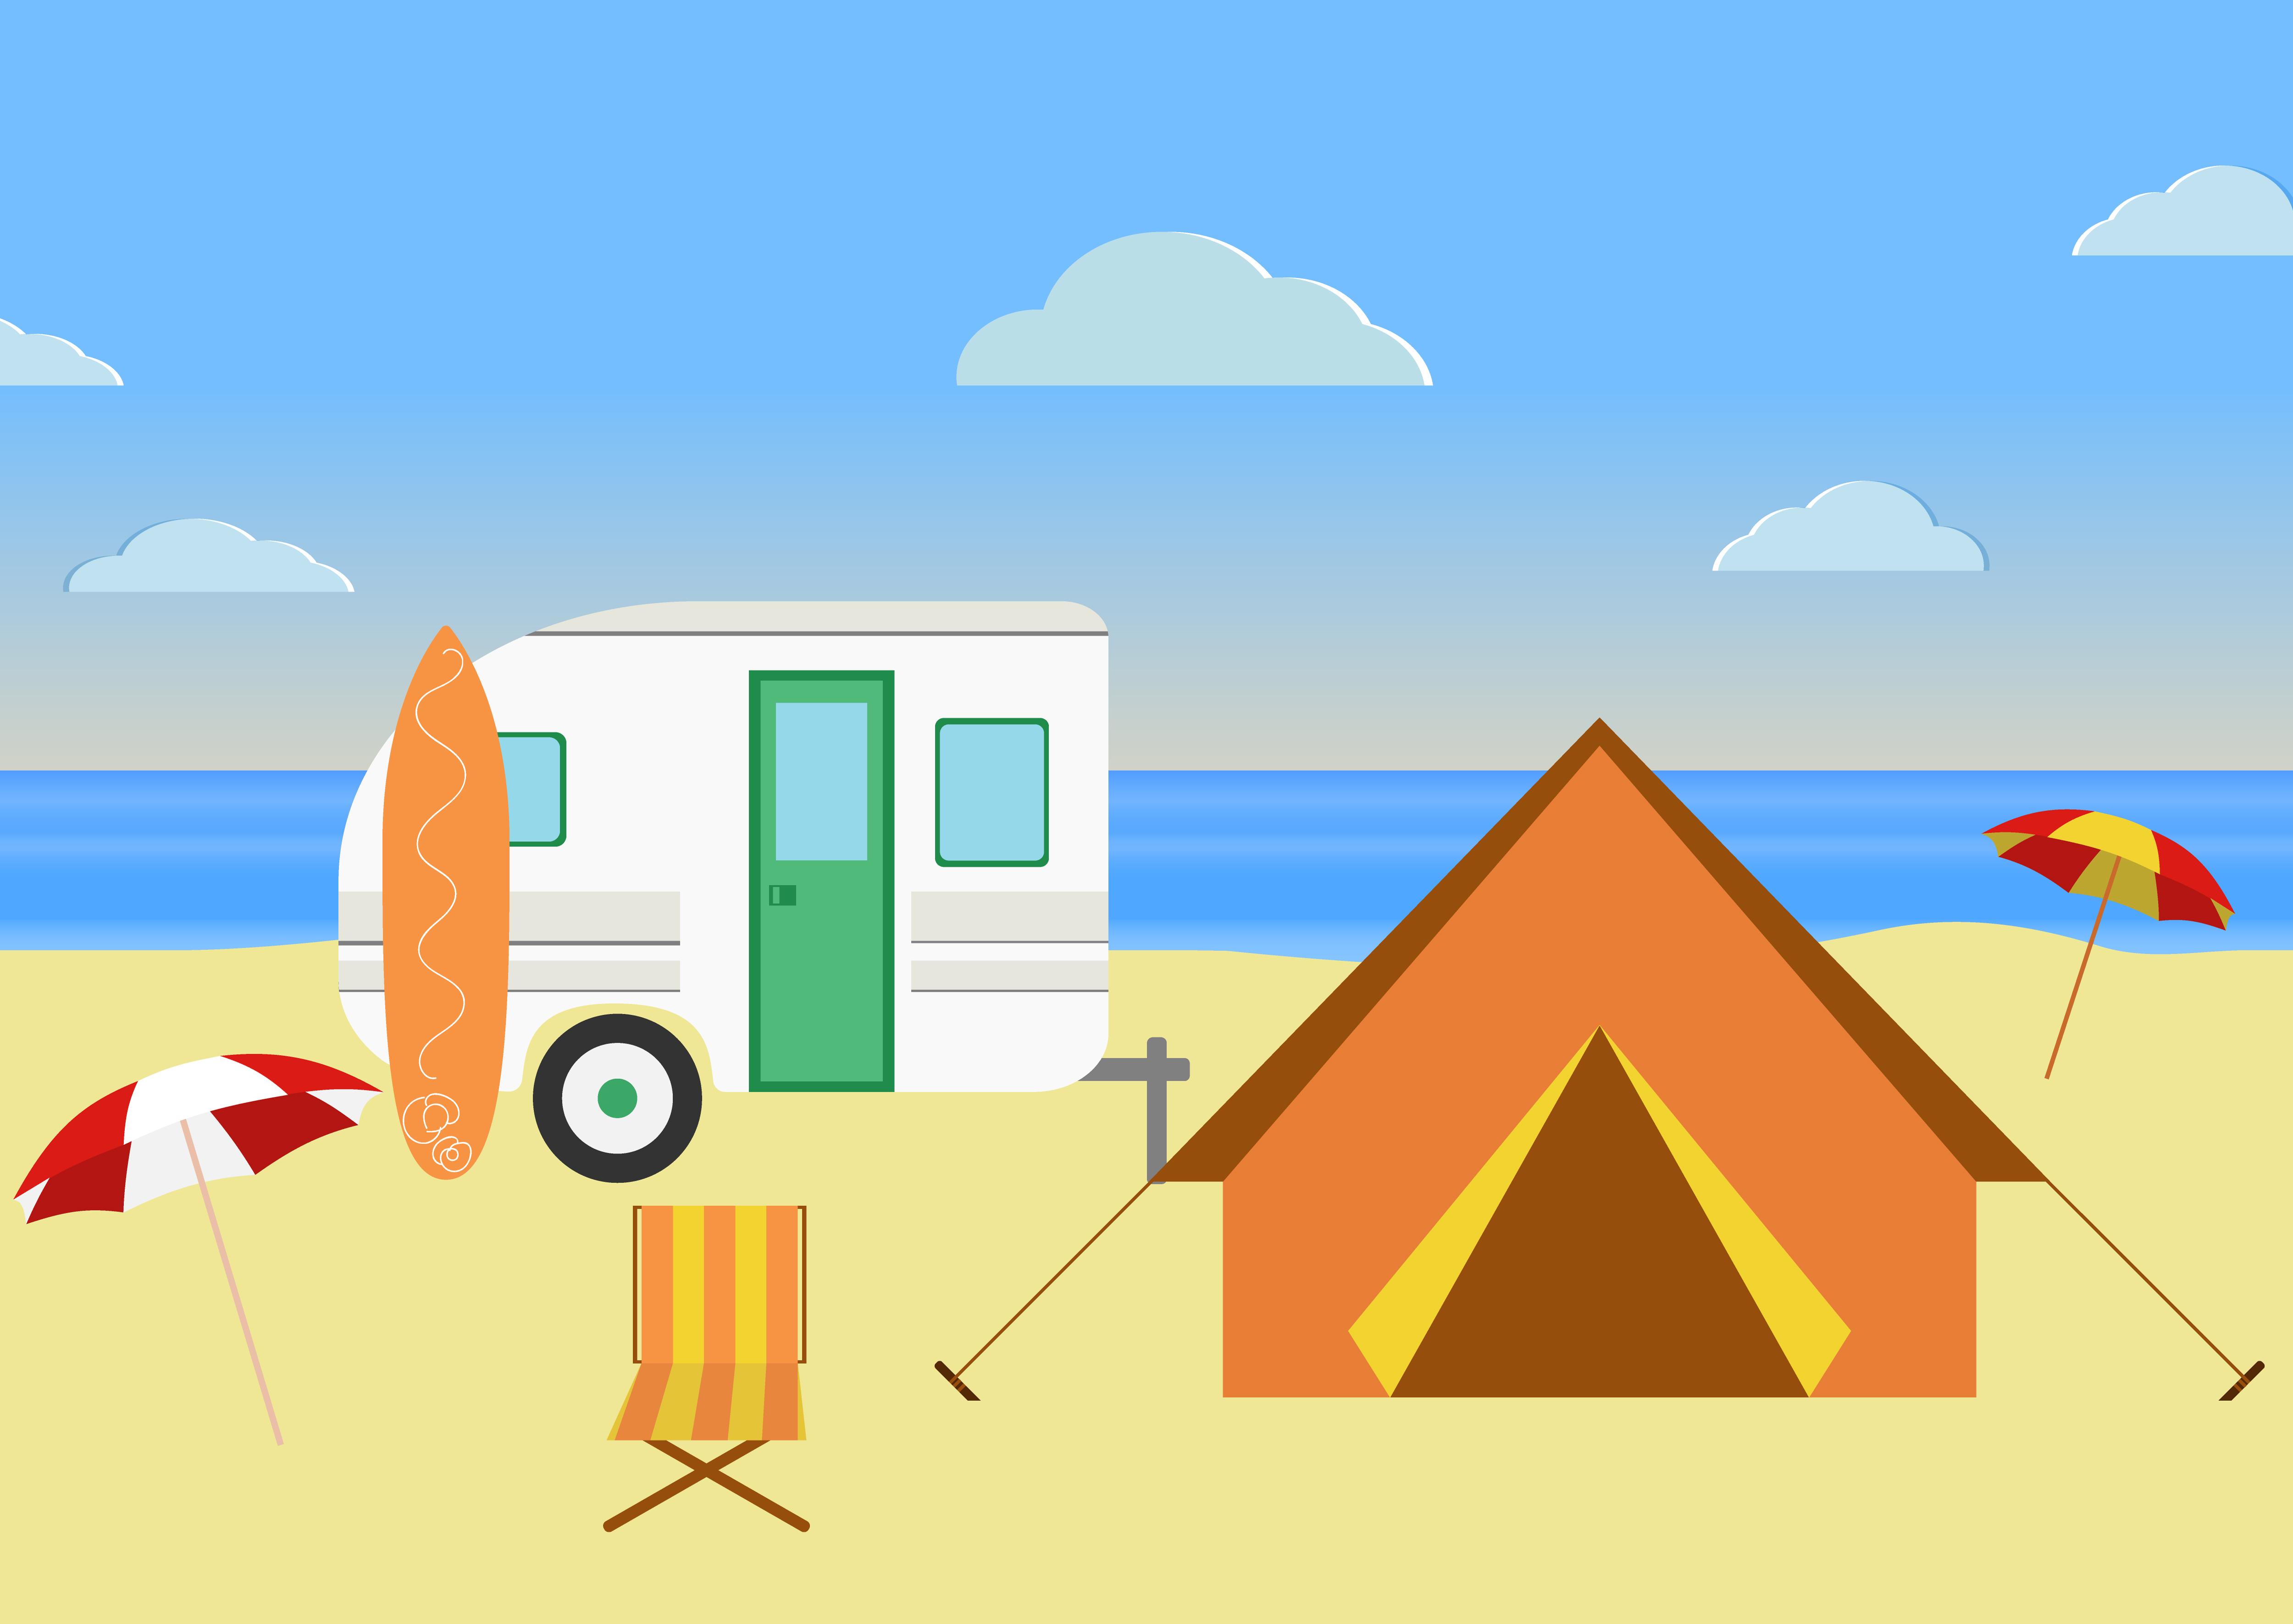 Caravan Free Vector Art 1647 Free Downloads